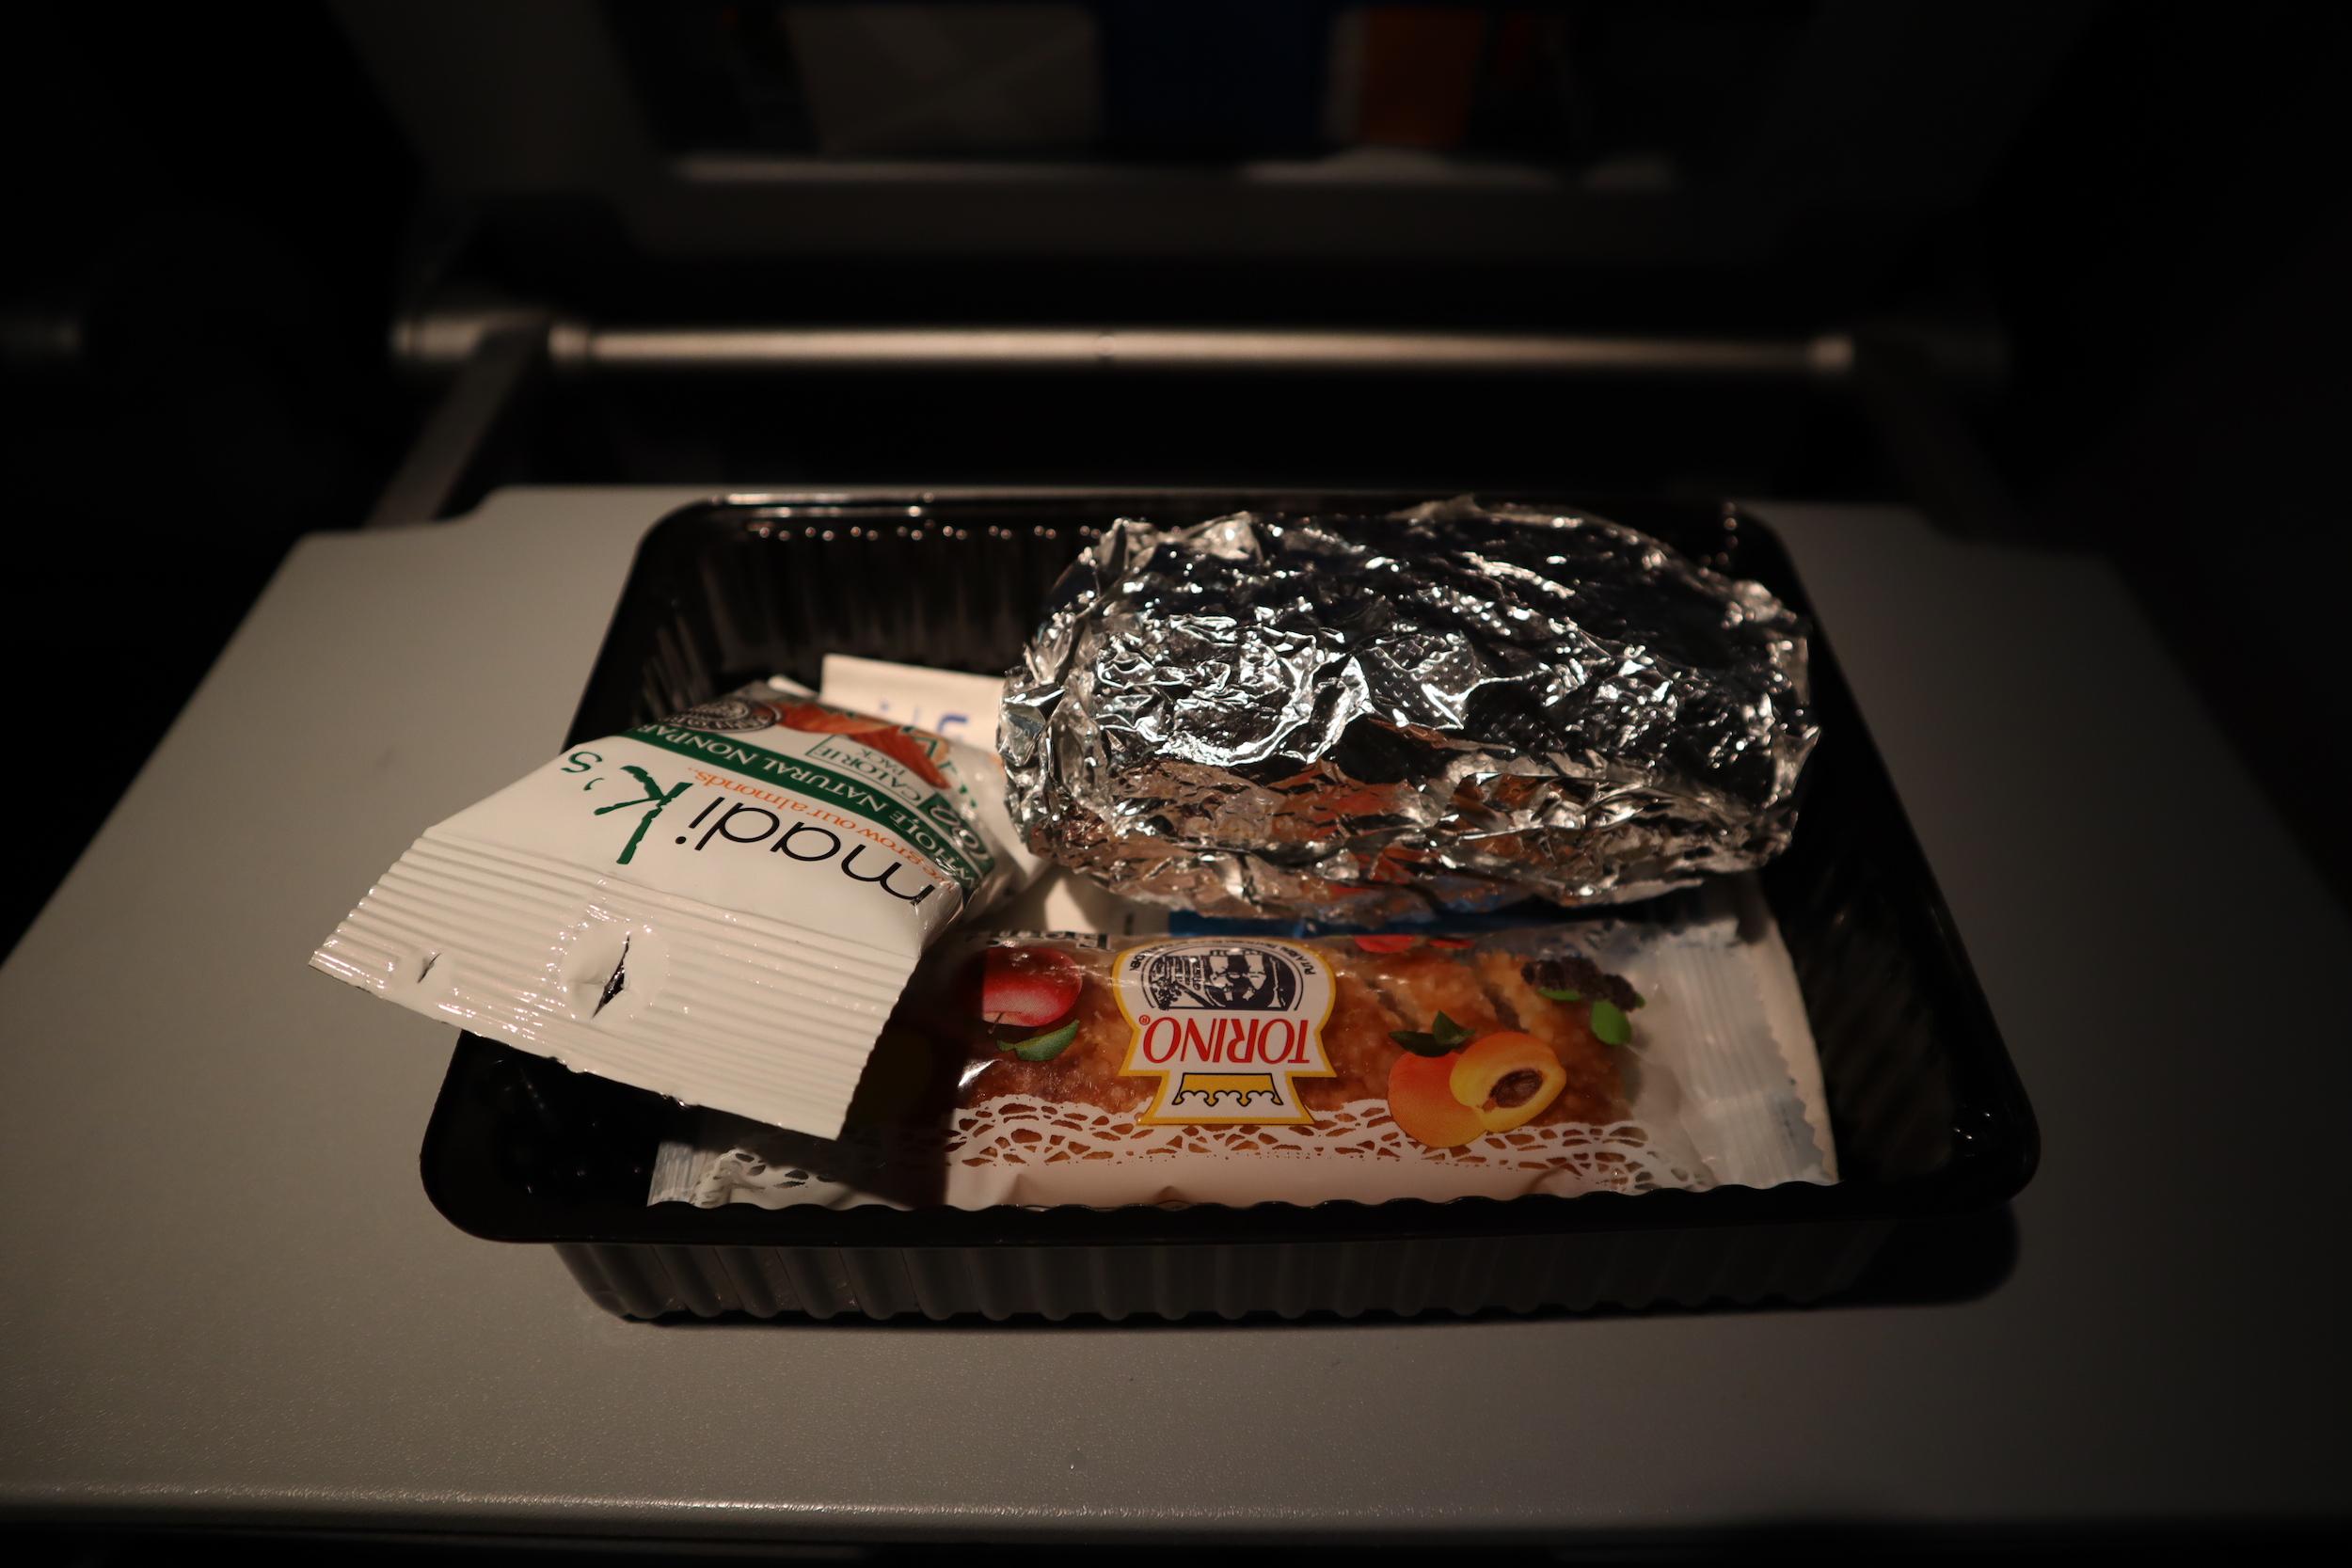 United Flight 155 – In-flight meal